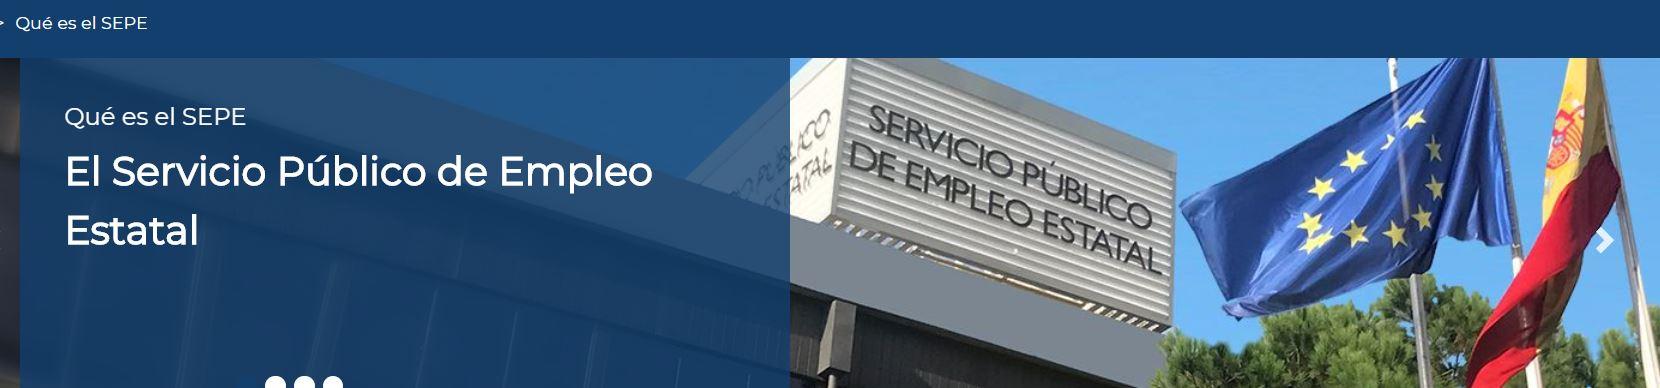 servicio estatal de empleo